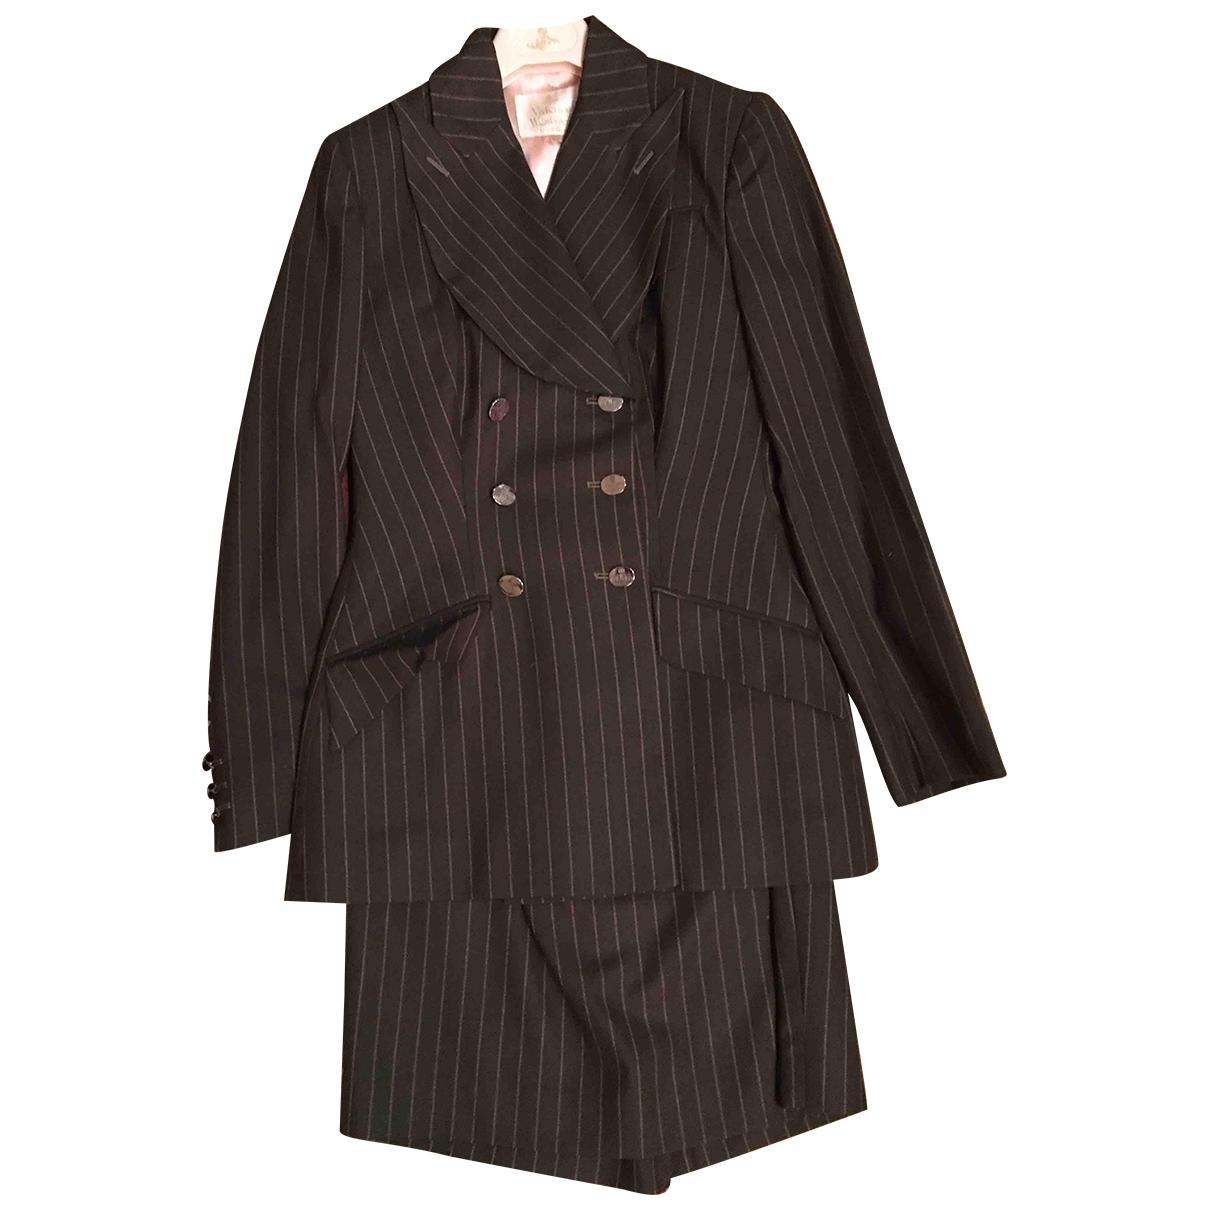 Vivienne Westwood \N Jacke in  Khaki Wolle